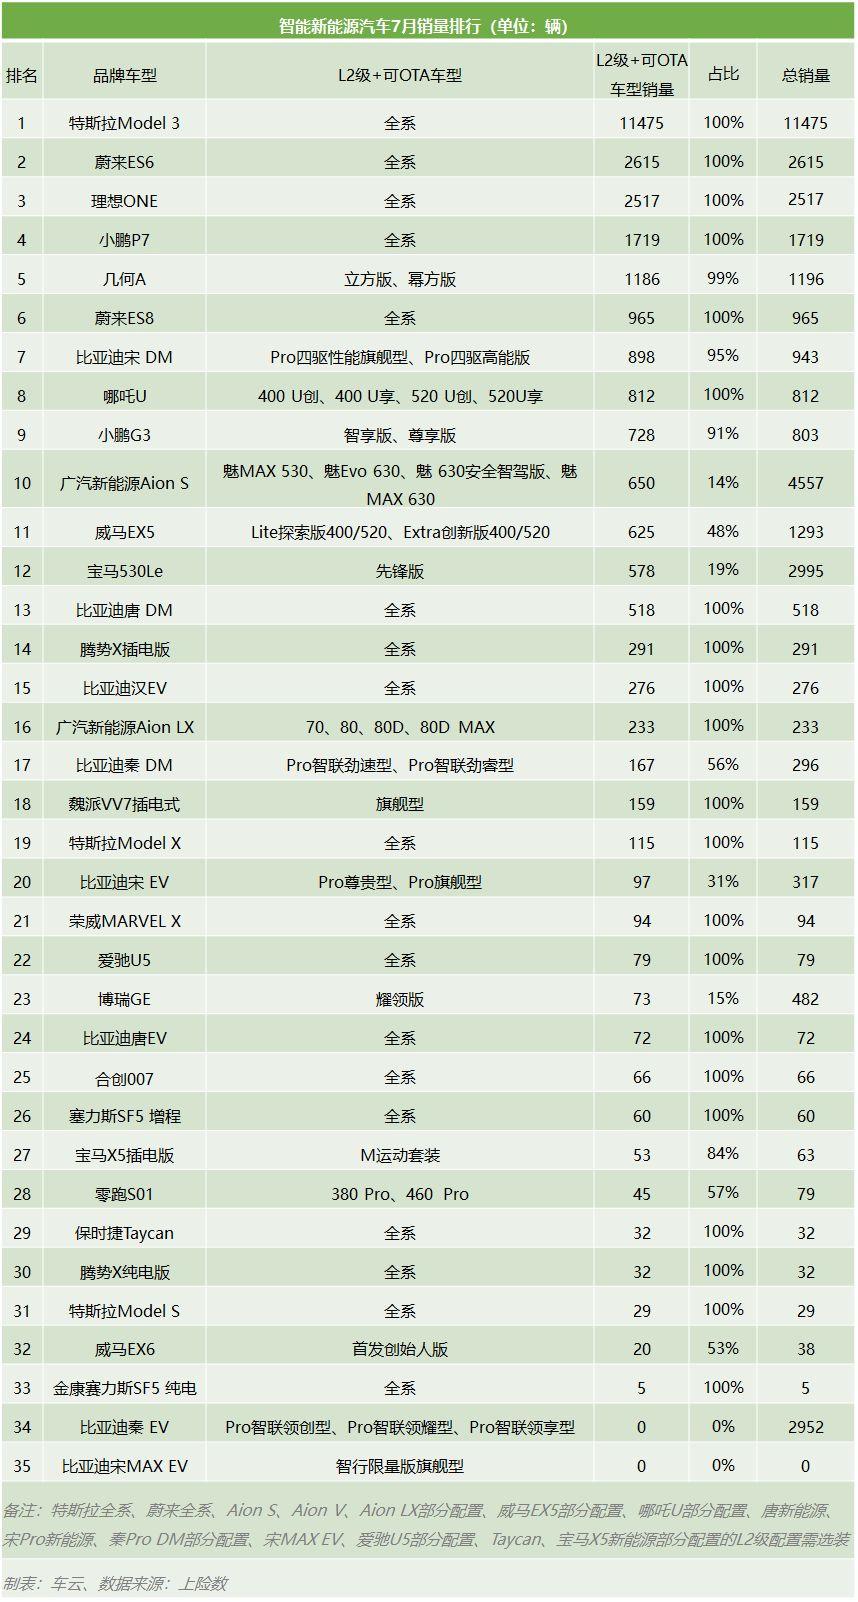 小鹏P7发力,新势力撬动电动汽车市场_车讯网chexun.com-车讯网